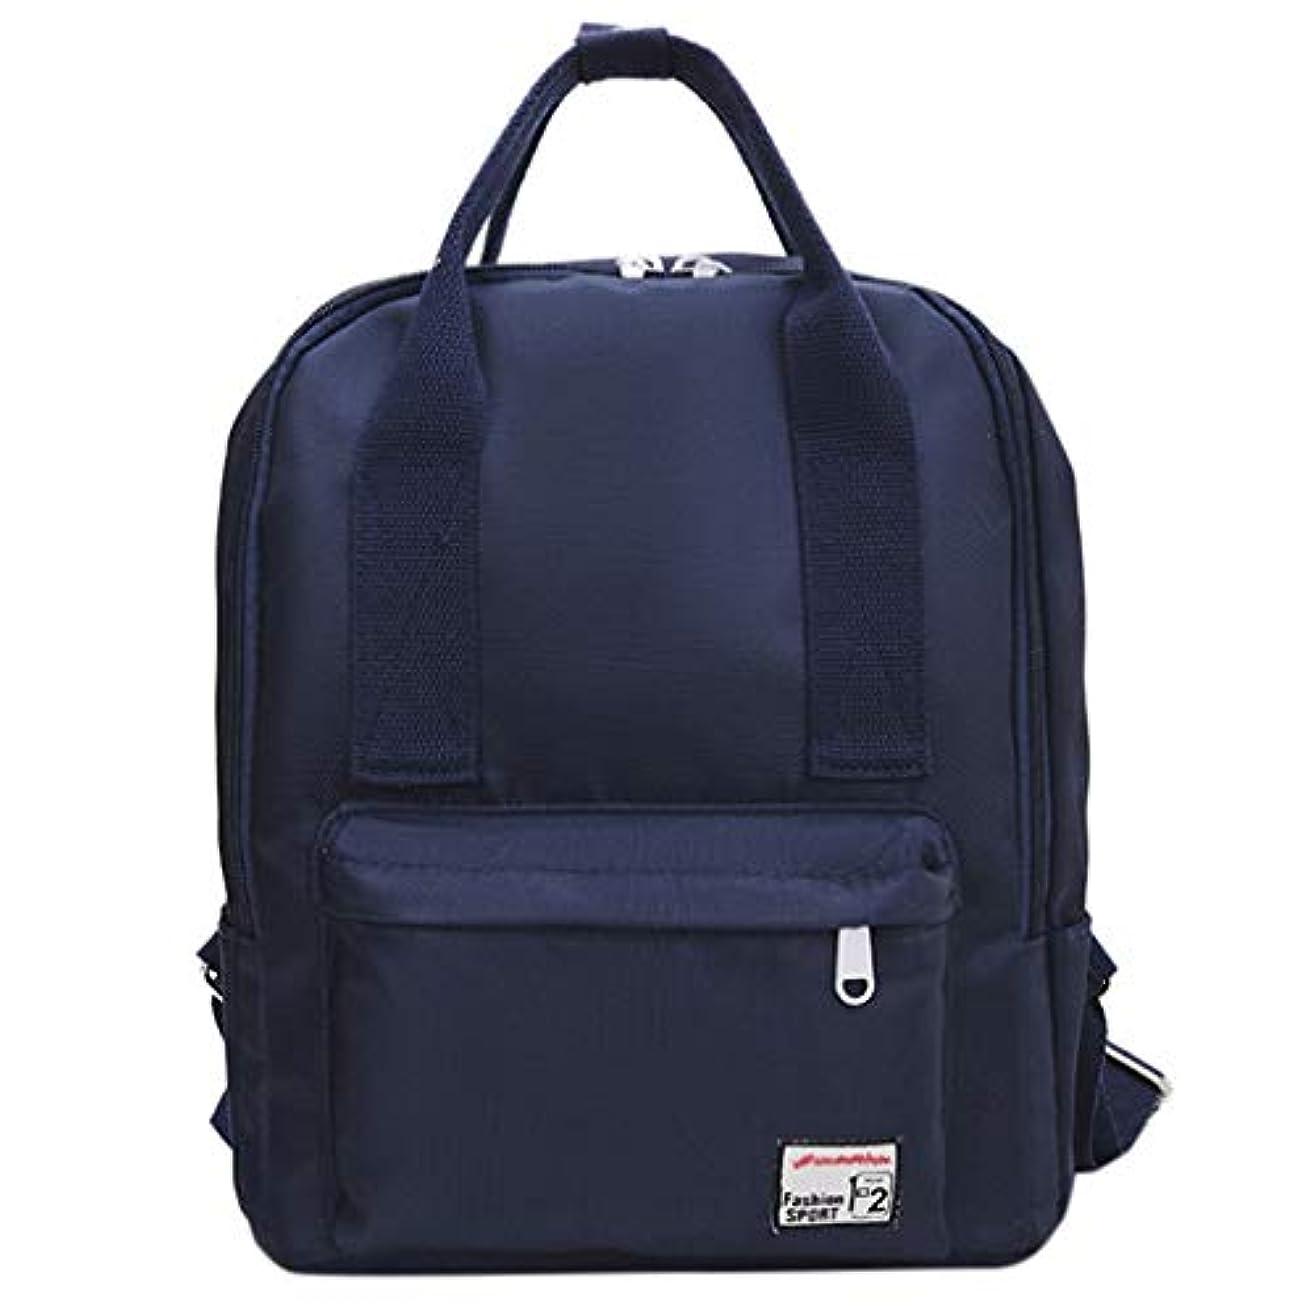 必需品仕方不一致女の子屋外かわいいシンプルなナイロンバックパック、学生襟カラーアートバッグ屋外軽量旅行ポータブル耐久性のあるバックパック